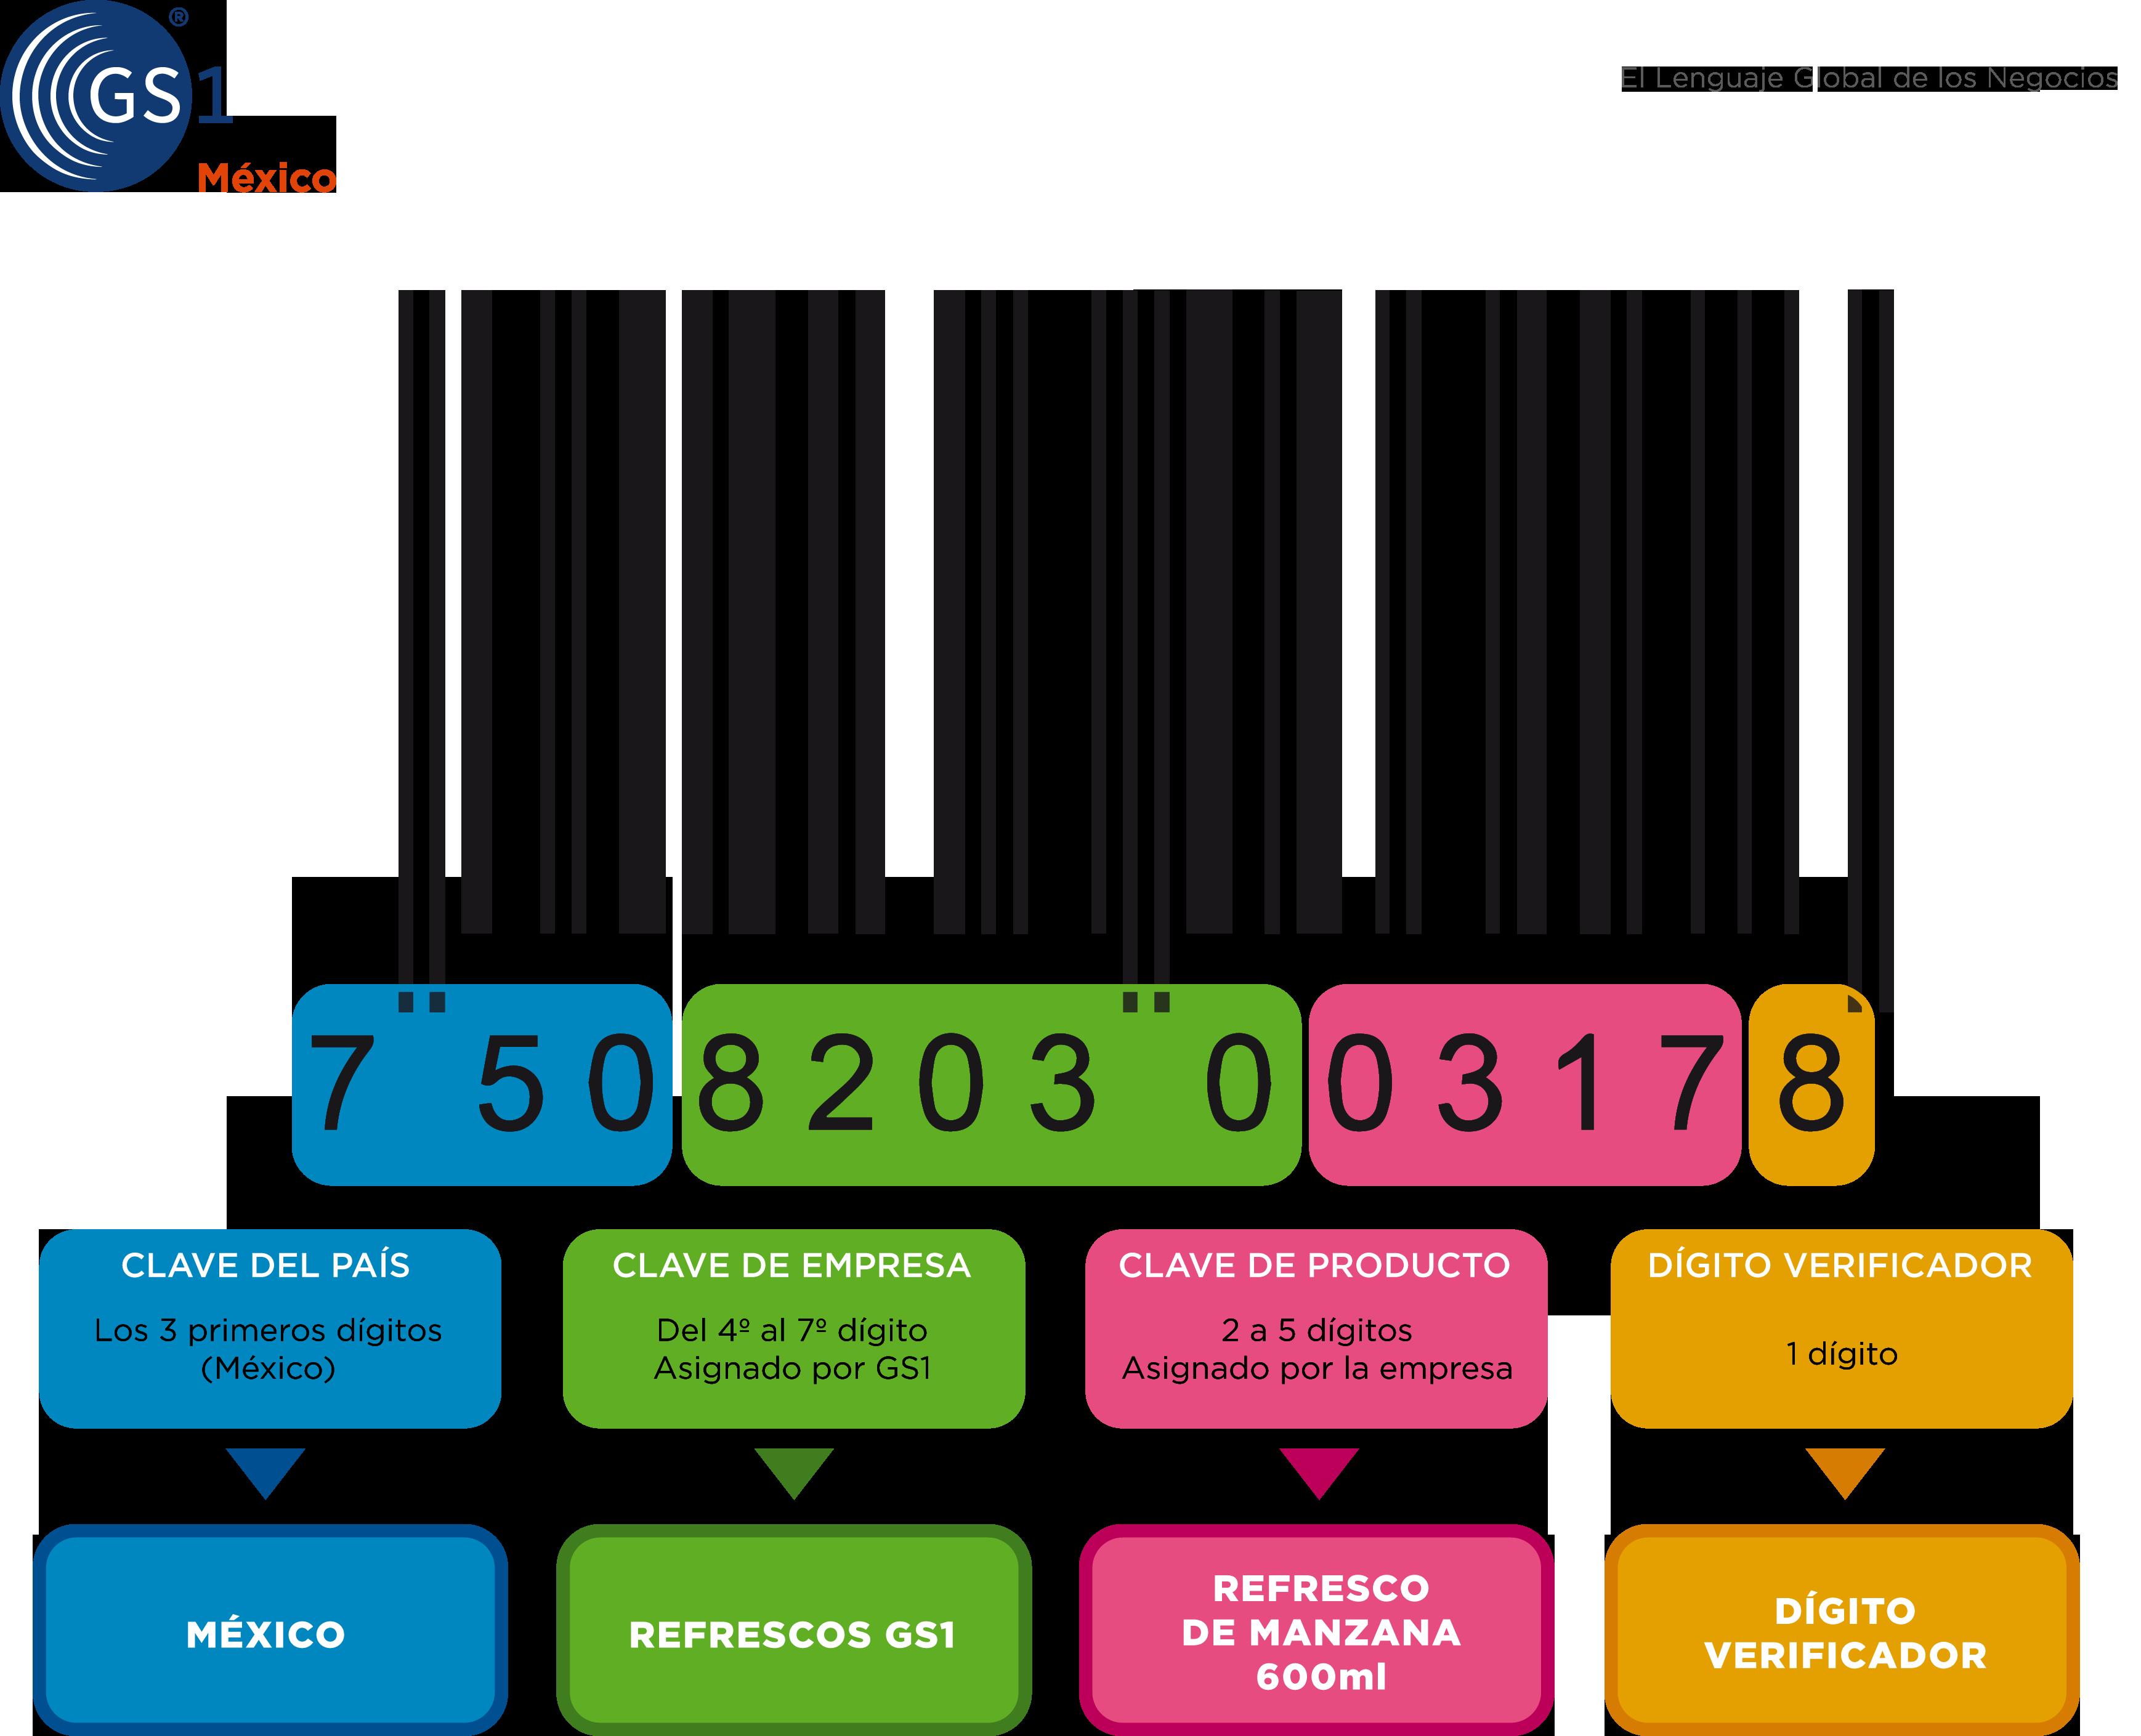 Diagrama Codigo de Barras GS1 Mexico 750